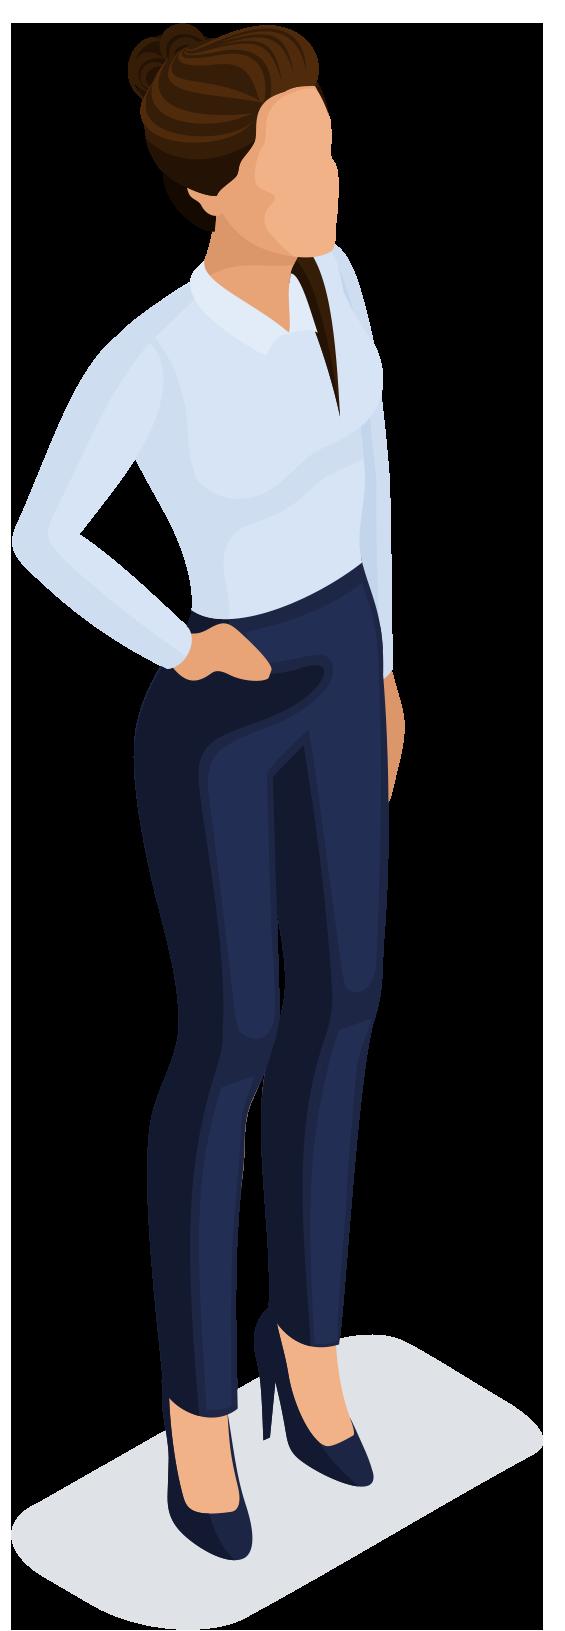 Vrouw met knot in haar en spijkerbroek en hakken aan